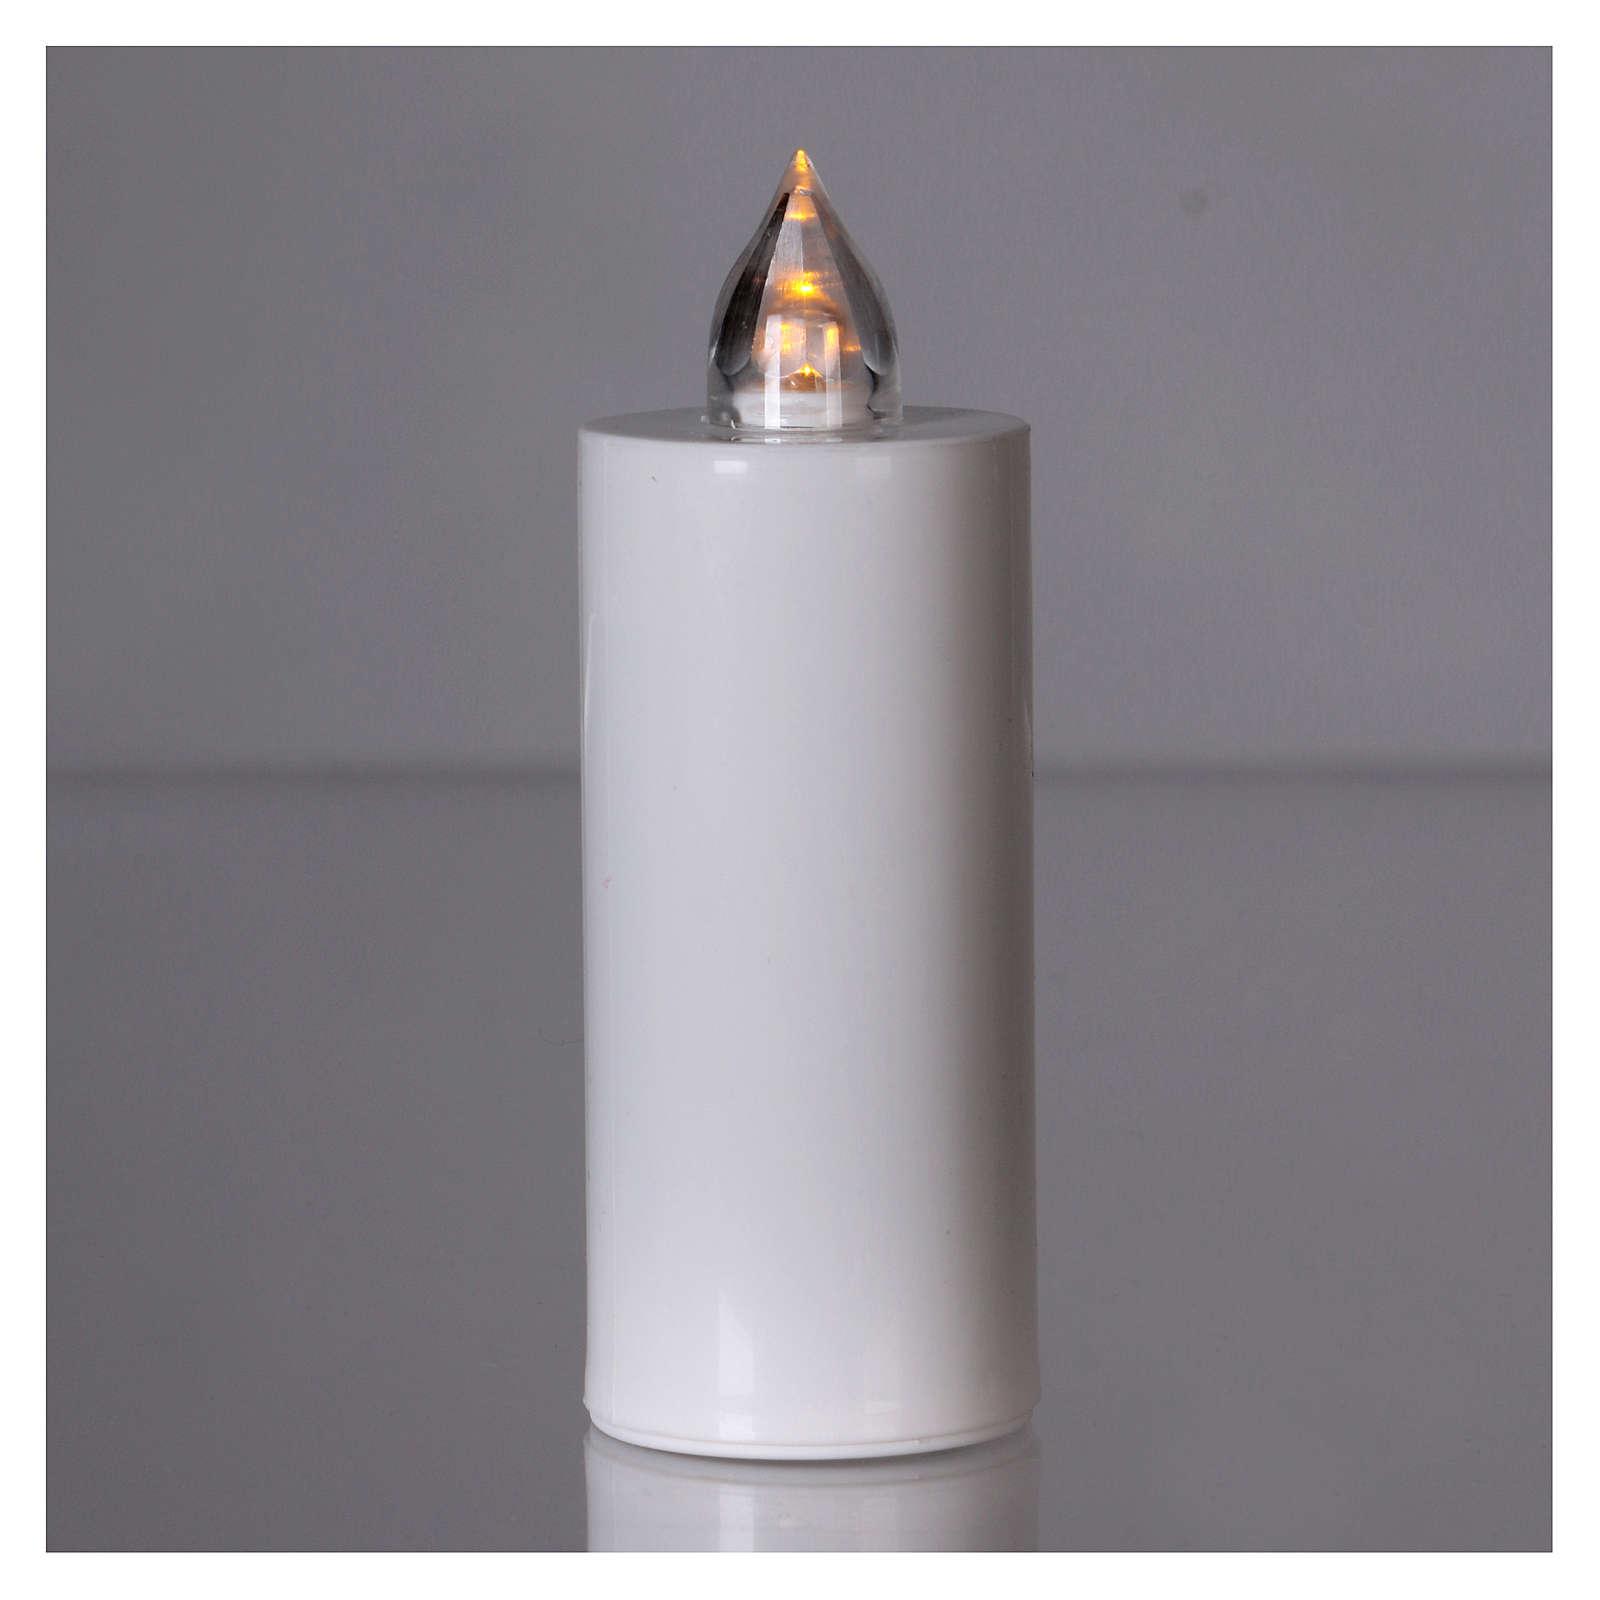 Znicz Lumada jednorazowy biały światło żółte migające 3